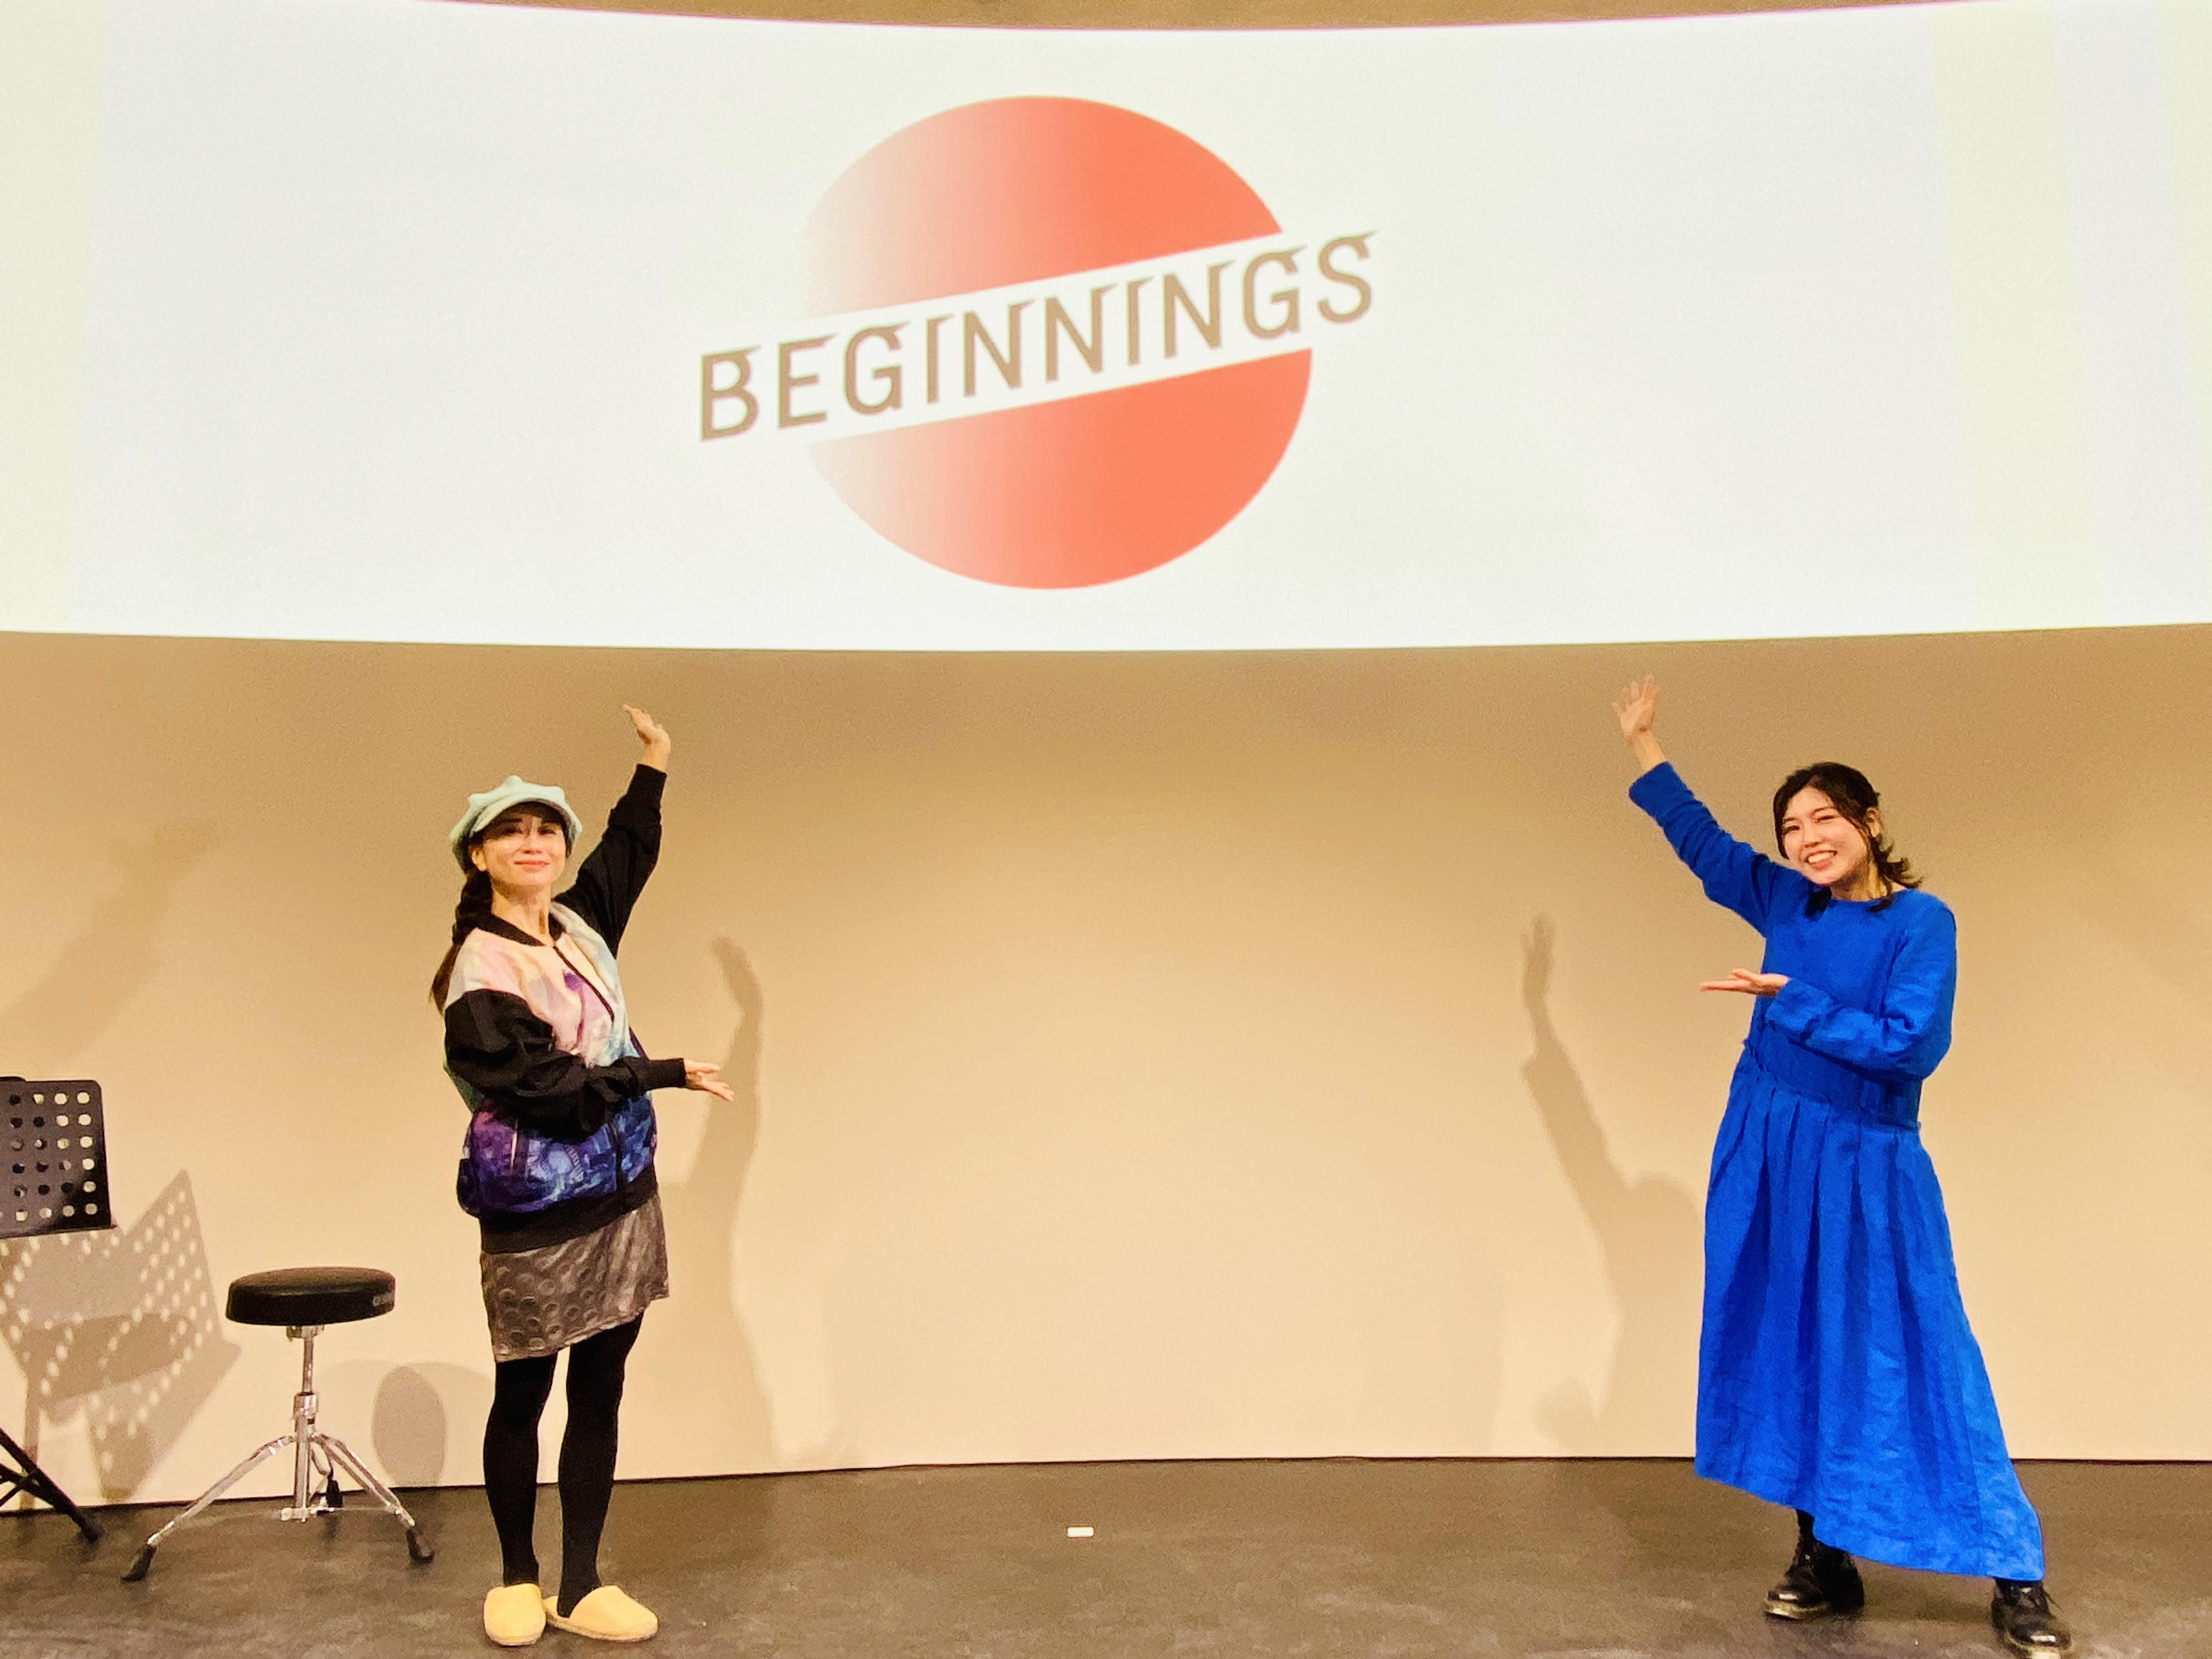 J-WAVEで放送中の『YEBISU BEER BEGINNINGS~LIVE FROM TAKANAWA GATEWAY』